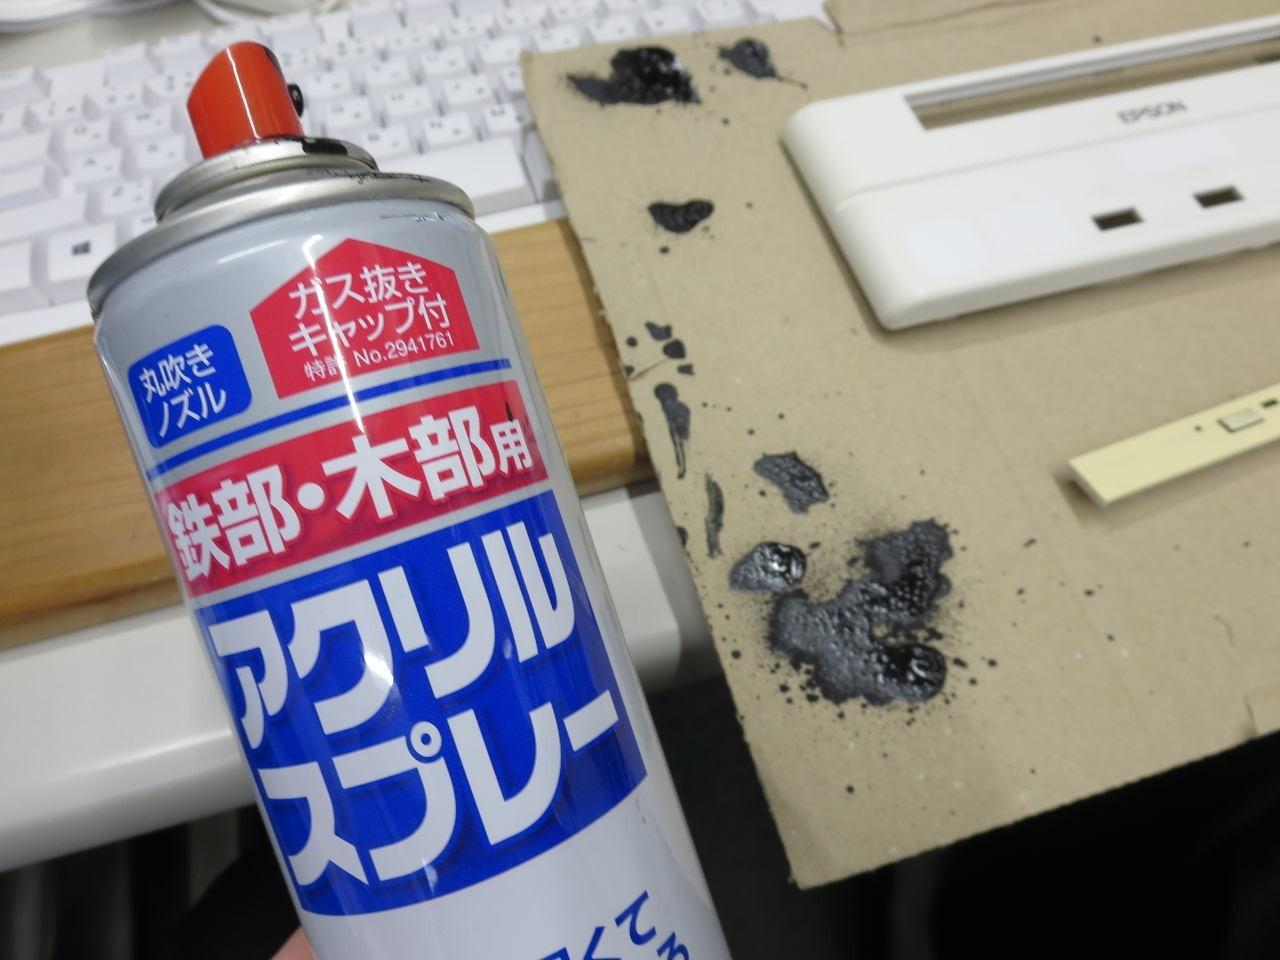 2018.03.31 パソコン(ST160E)塗り替え